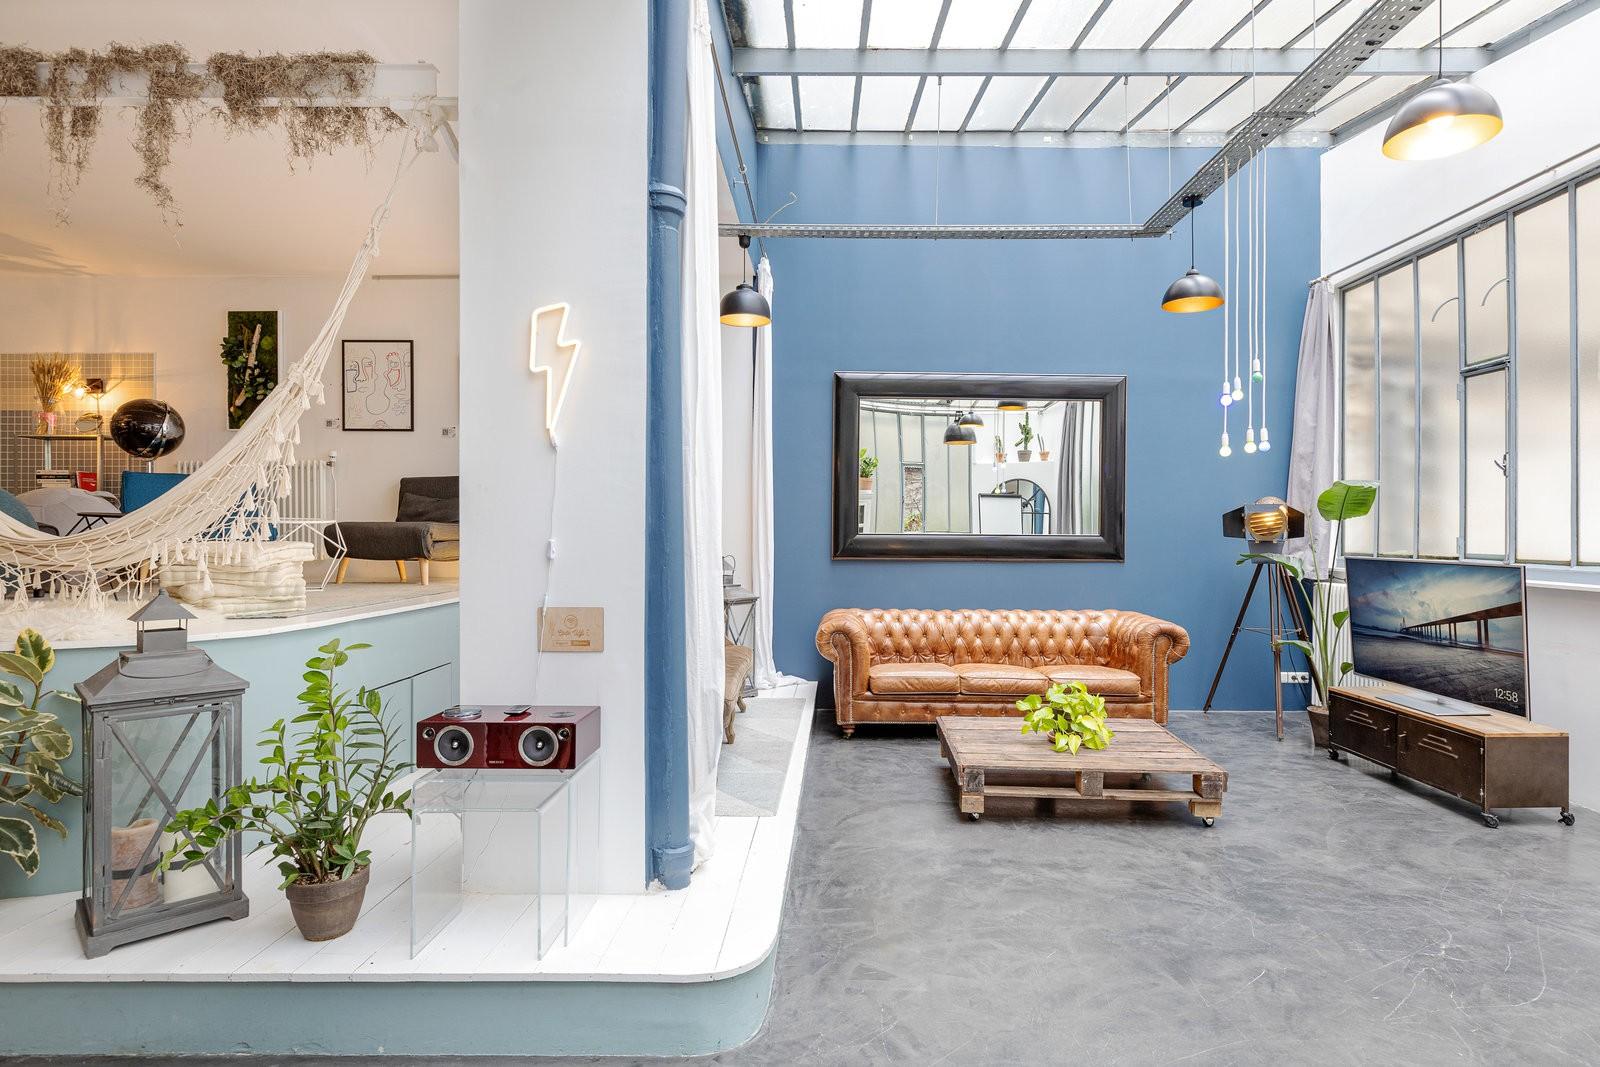 Loft industriel gris et bleu sous verrière, créatif et atypique